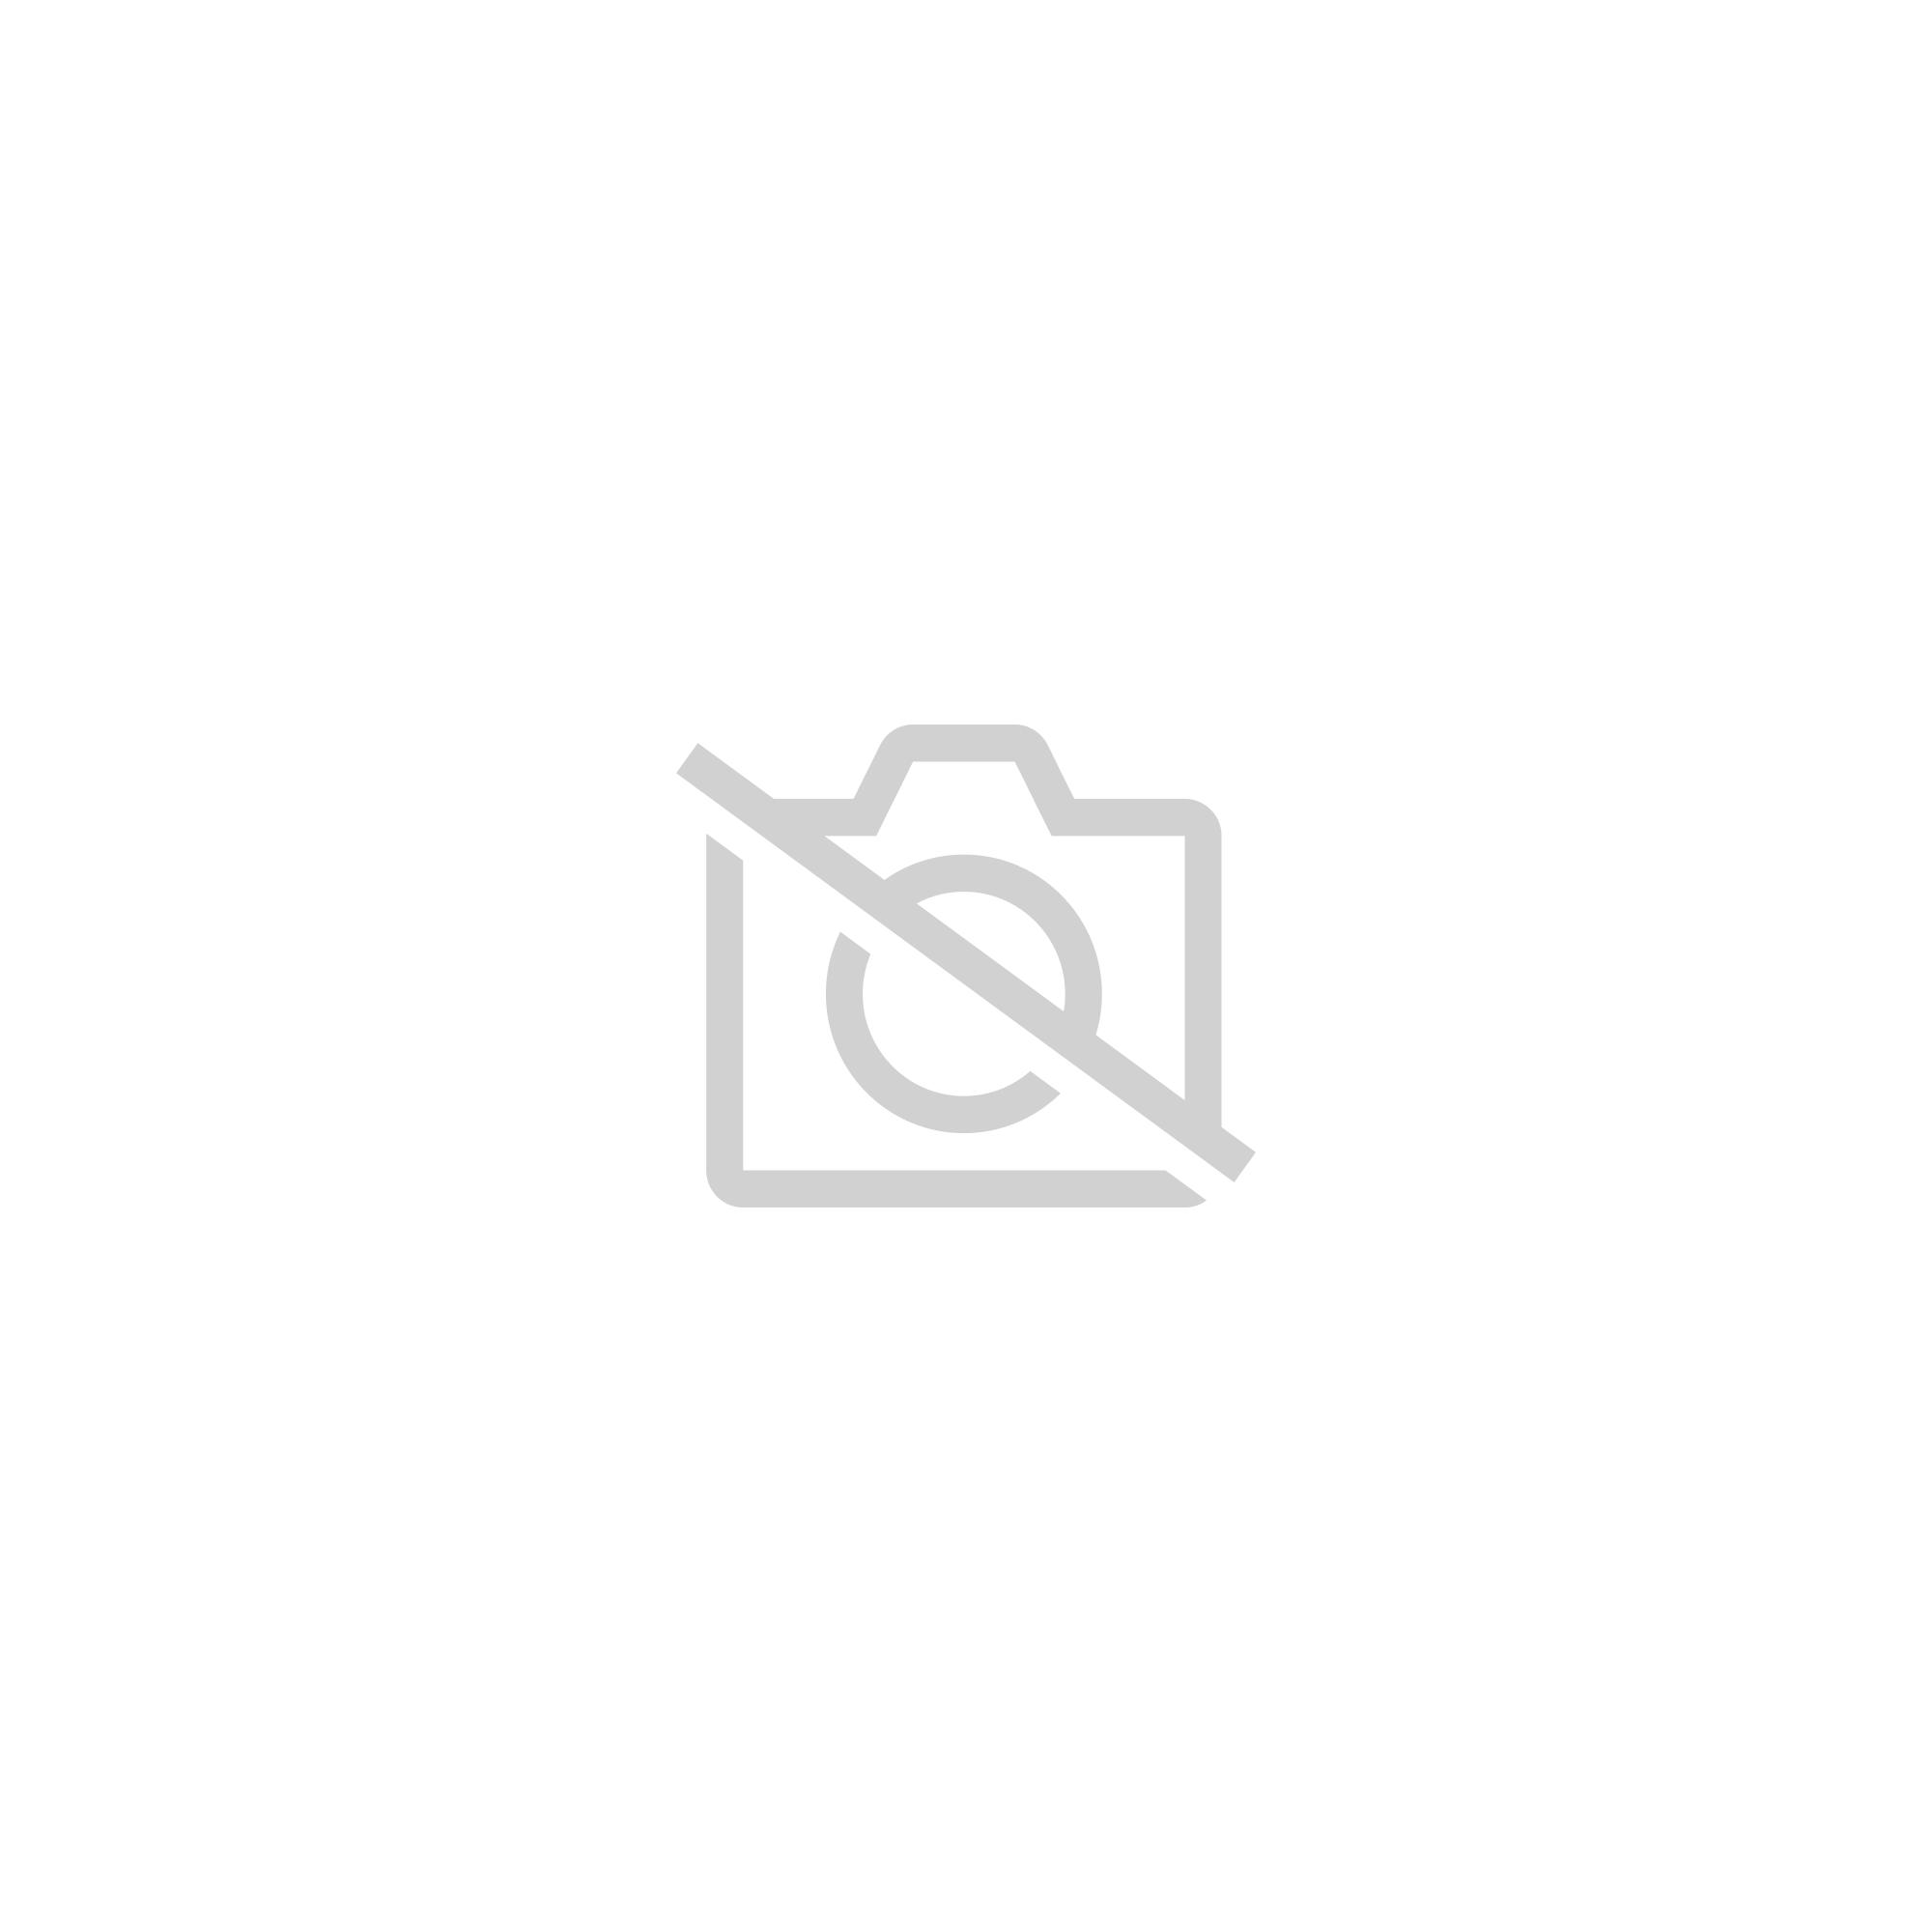 10x Cartouches D'encres Compatible Pour Lexmark Multipack 100xl 100 Xl Bk/C/M/Y - Pour Lexmark Impact S305, Interact 605, Interpret S405, Intuition S505, Pro905, Pro805, Pro705, Prospect Pro205